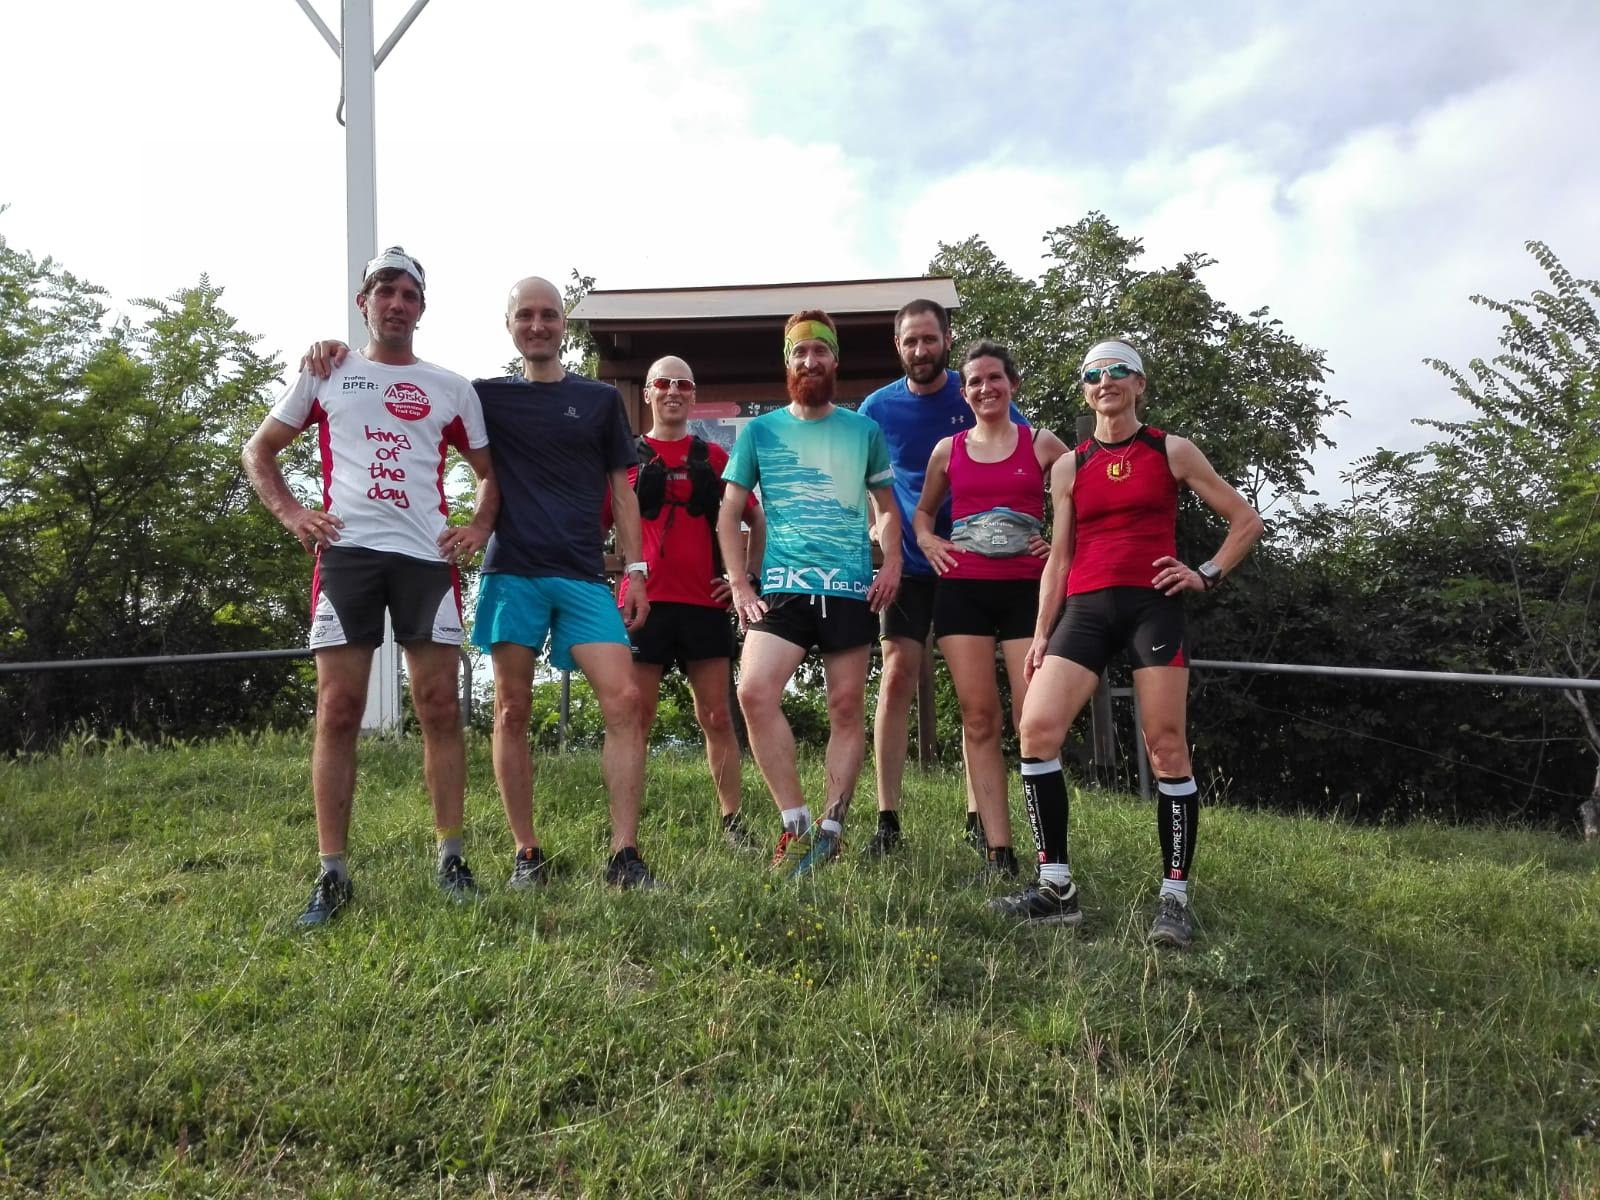 Uscita per gli amanti del trail running sulla collina di Scanzo